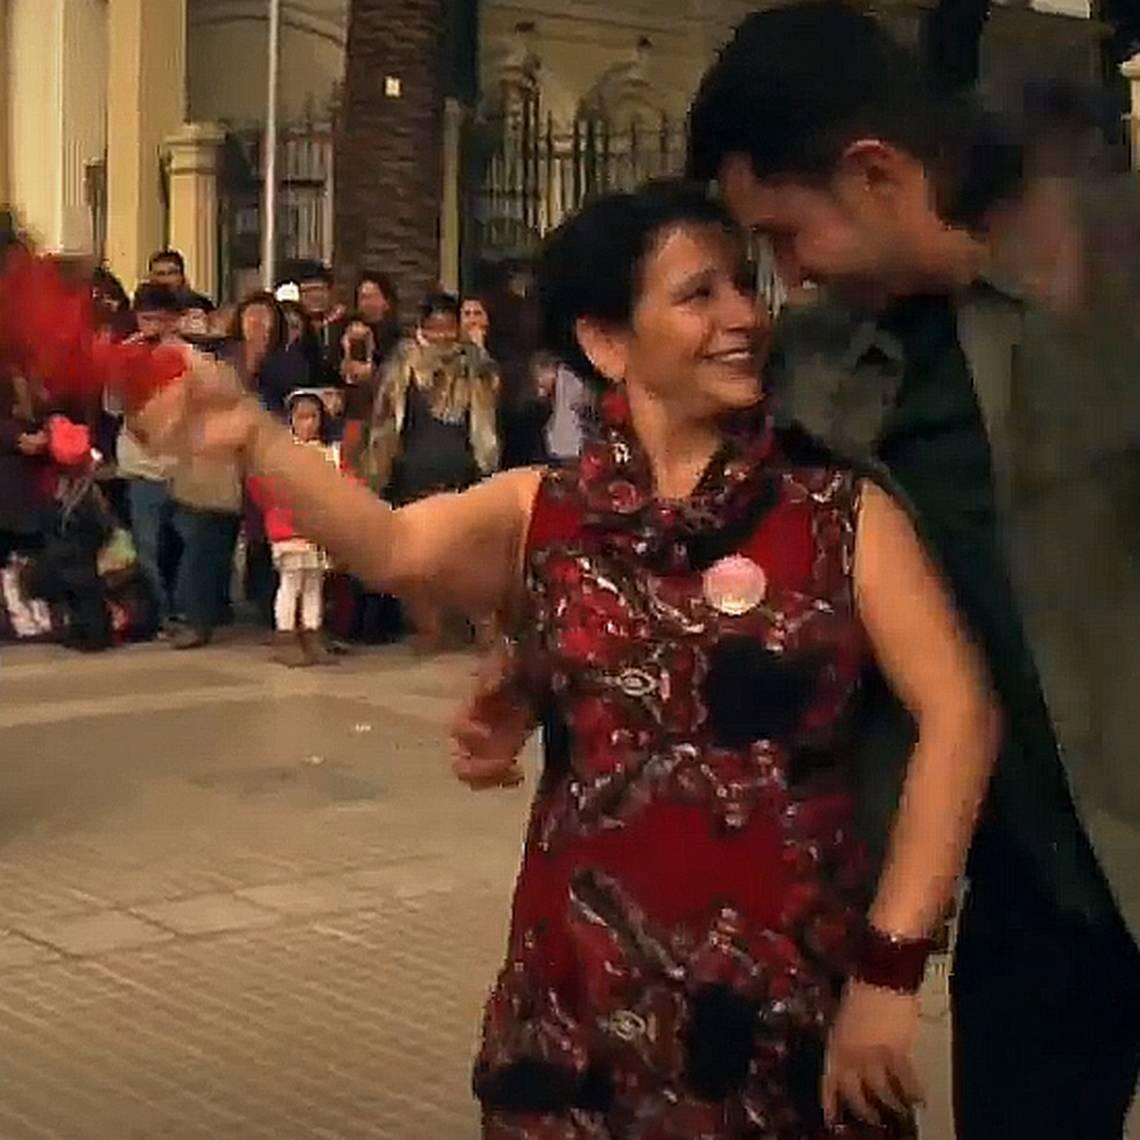 Cueca urbana: Un baile seductor y de libre expresión